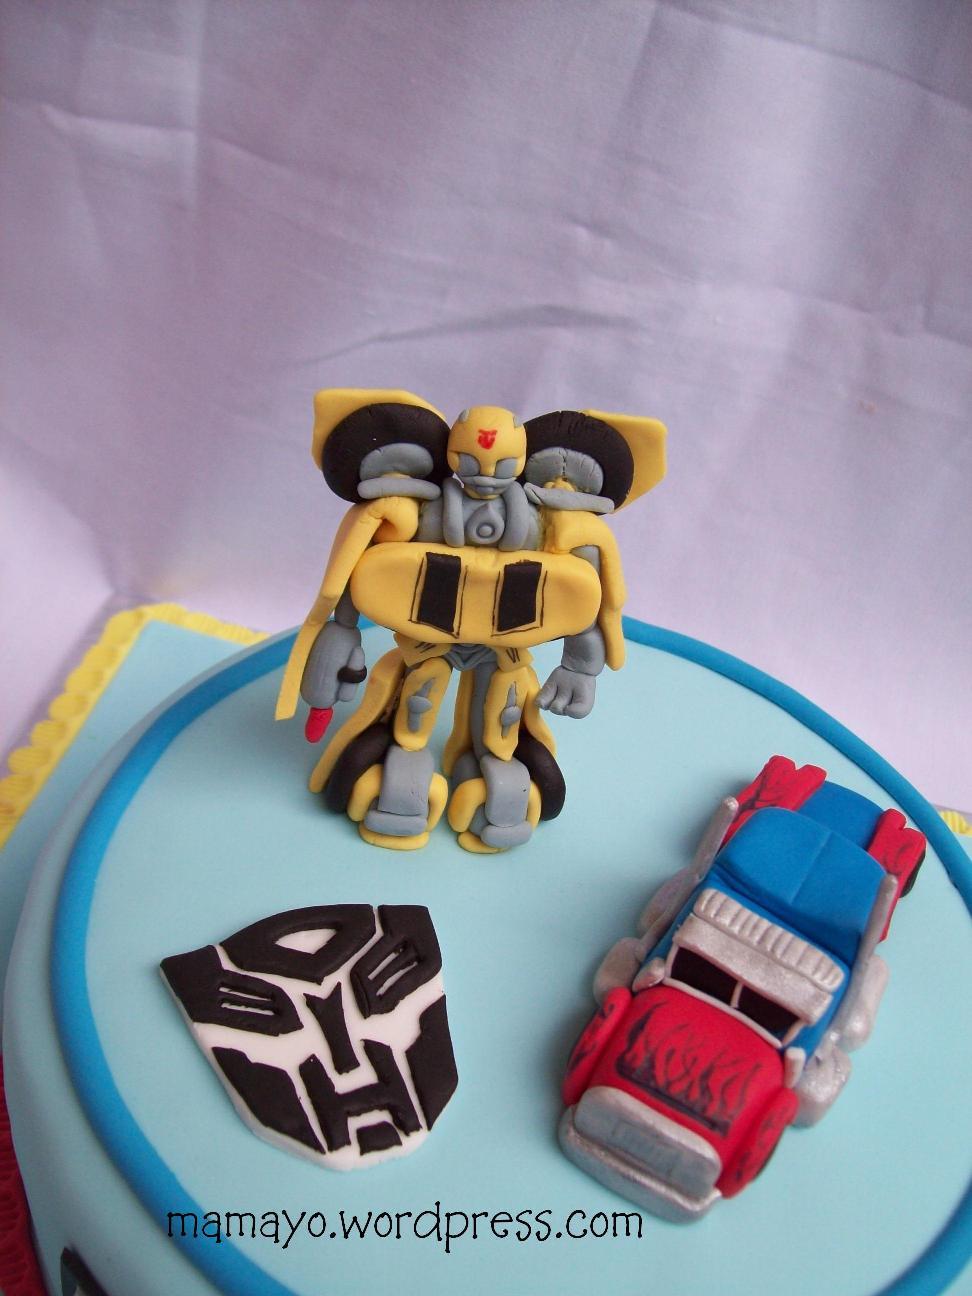 Transformers Cake Tuk Amoroso Mamayo